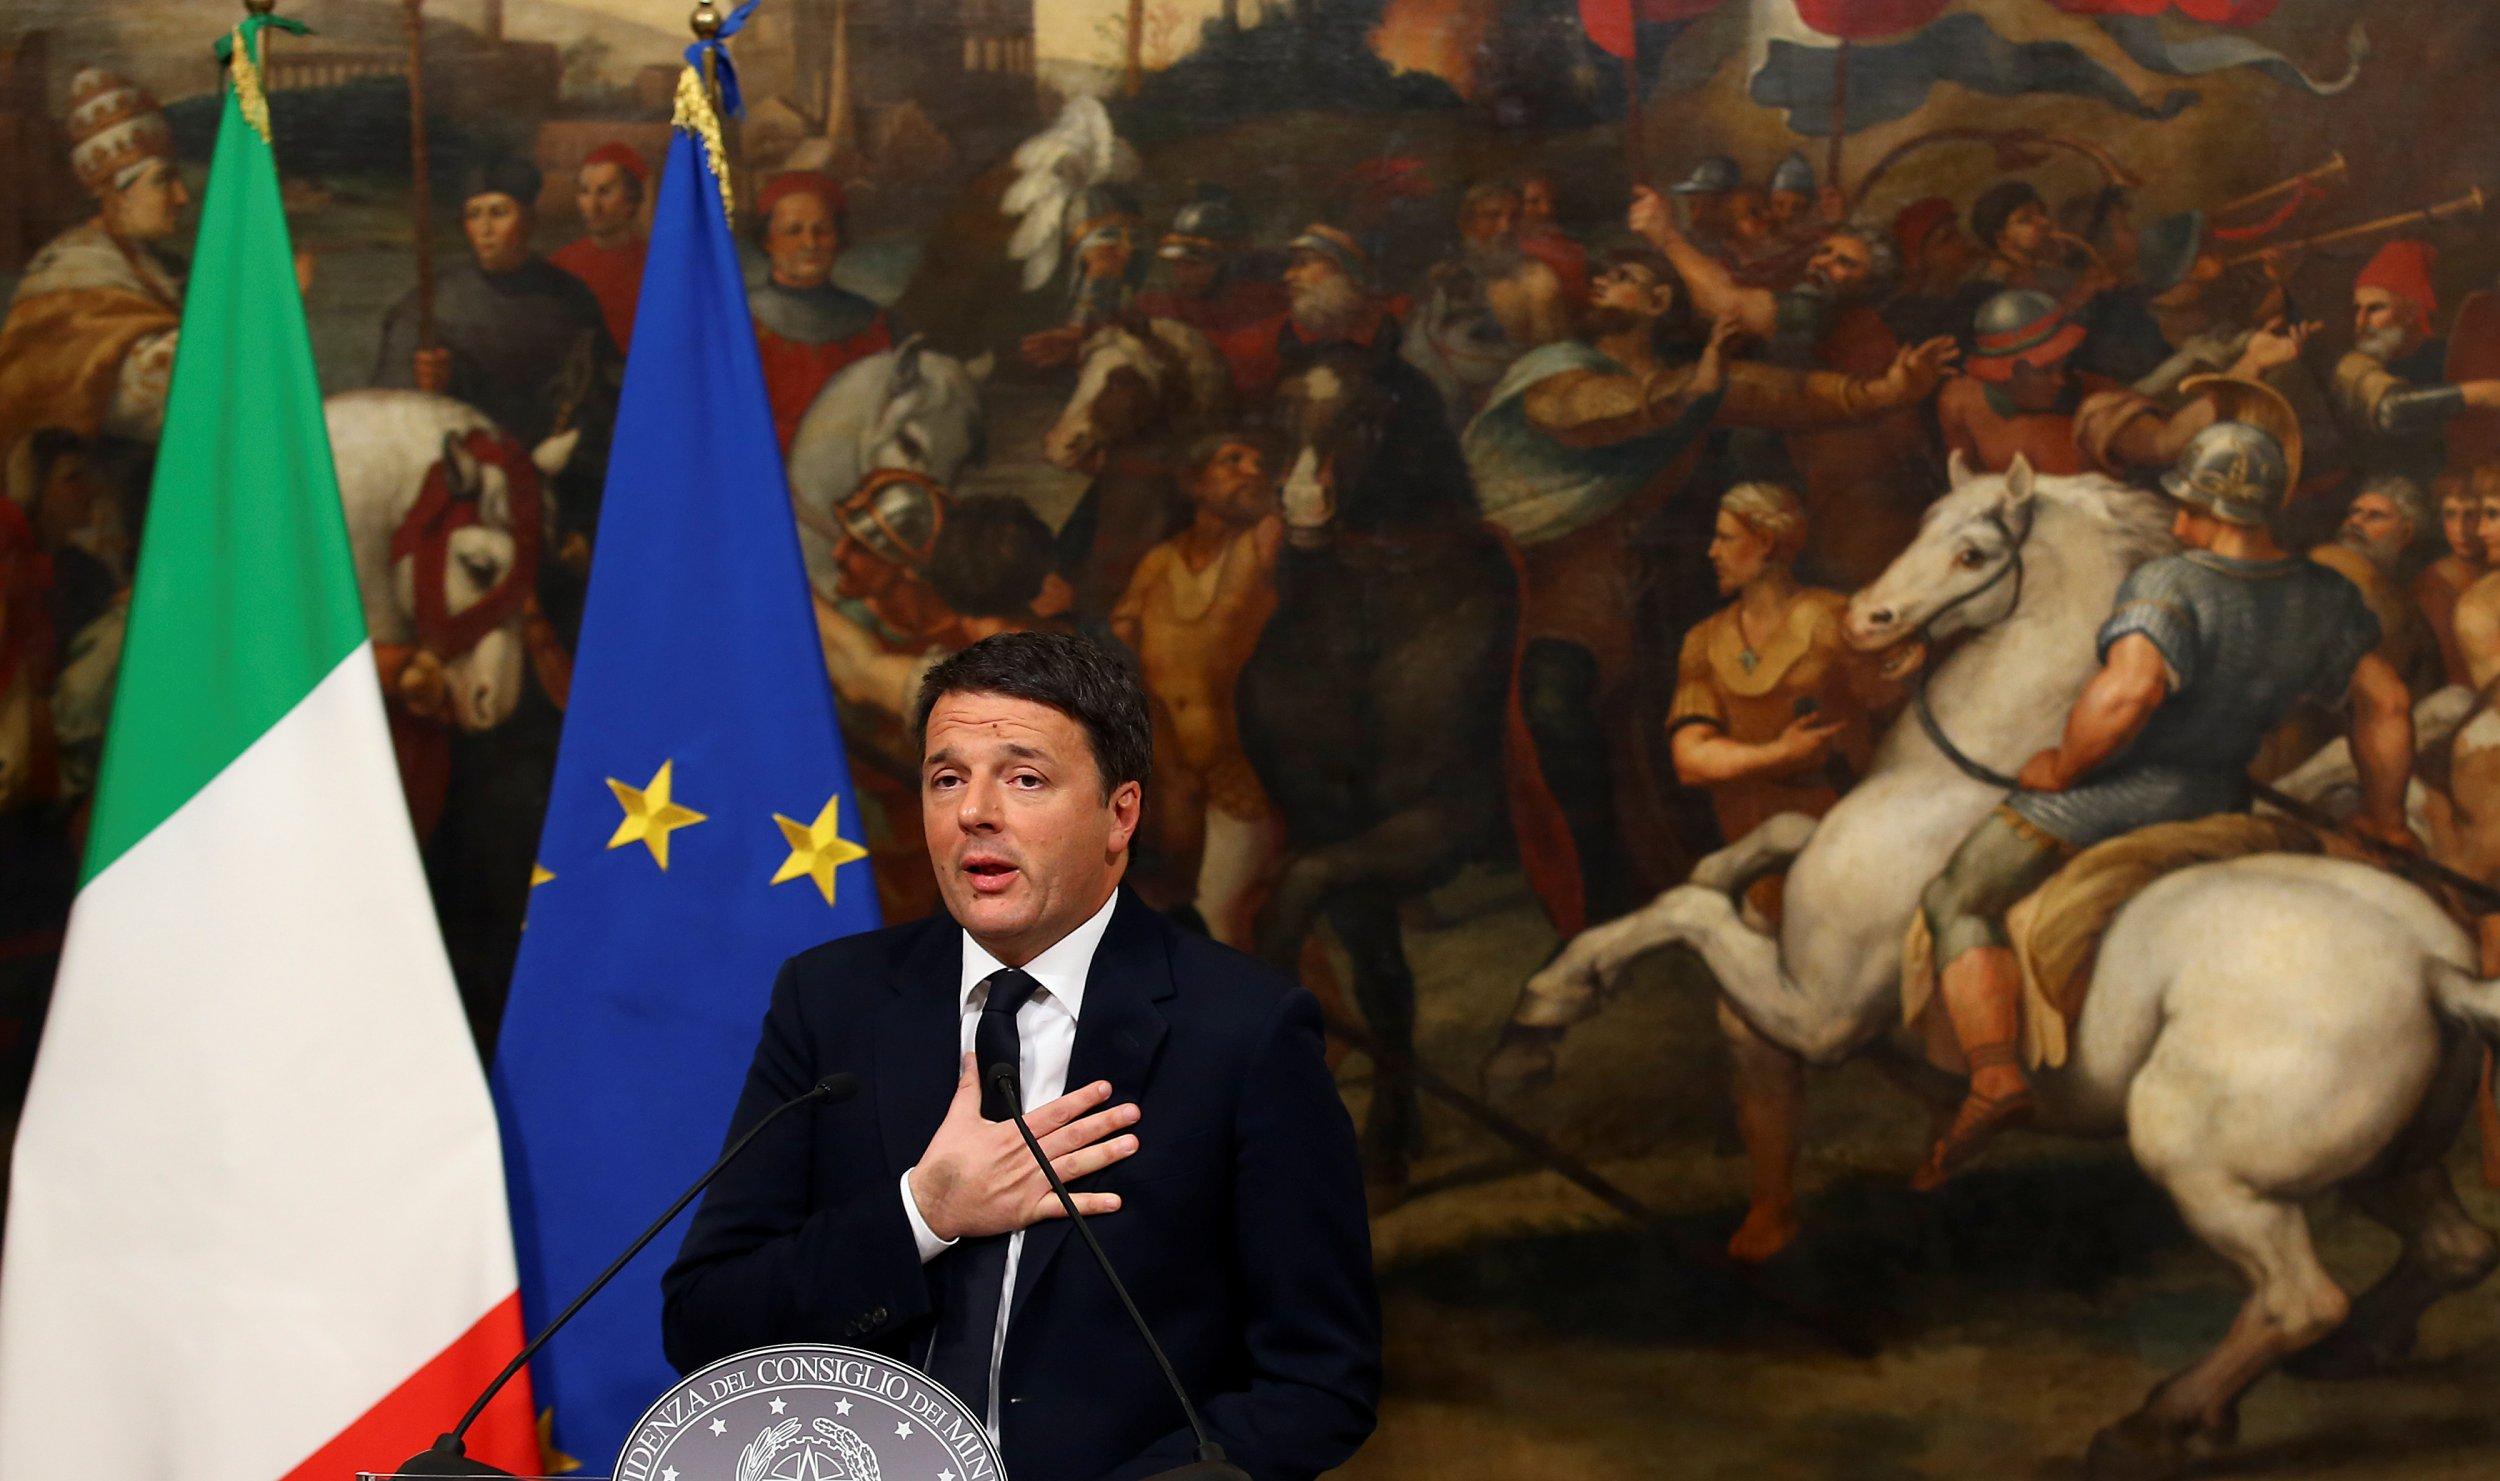 Renzi speaking